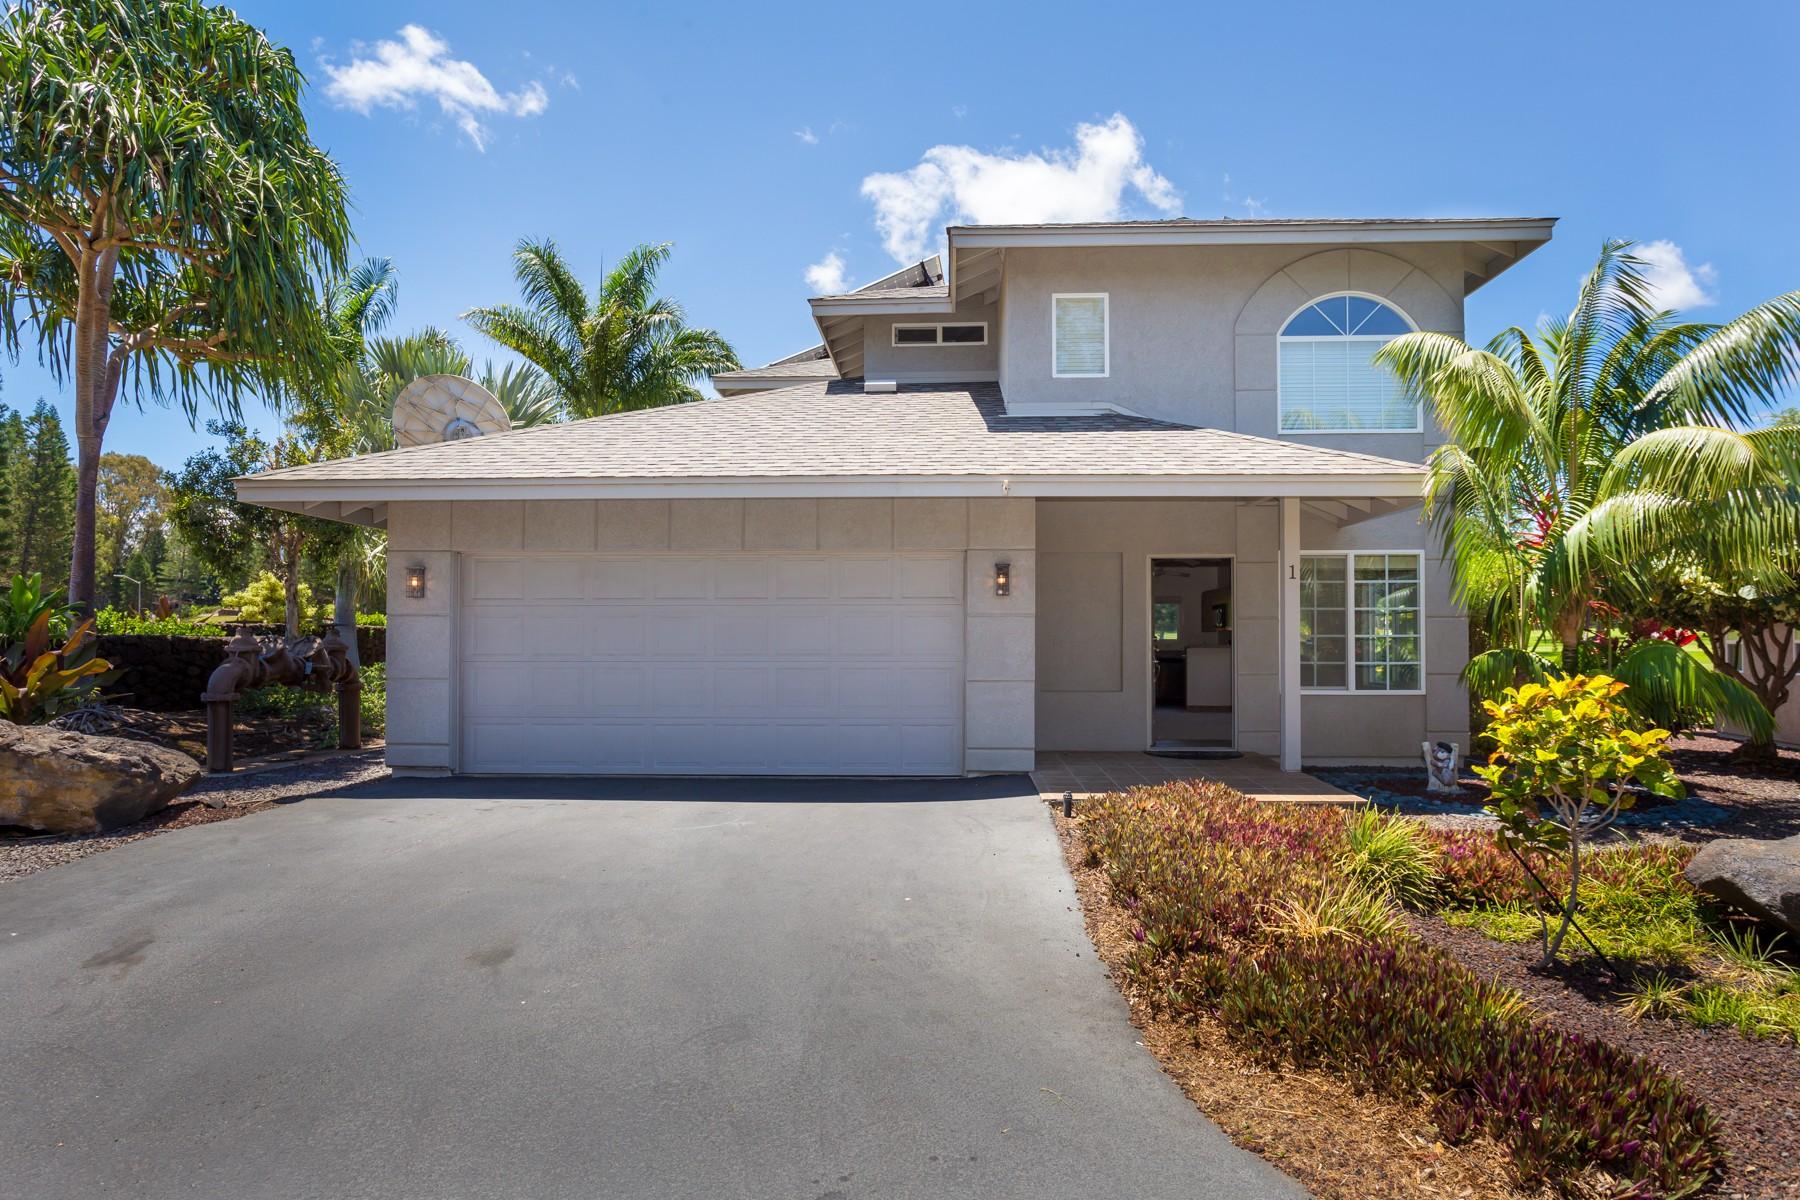 独户住宅 为 销售 在 Fairway Villas 68-3888 Lua Kula St. #1 威克洛亚, 夏威夷 96738 美国